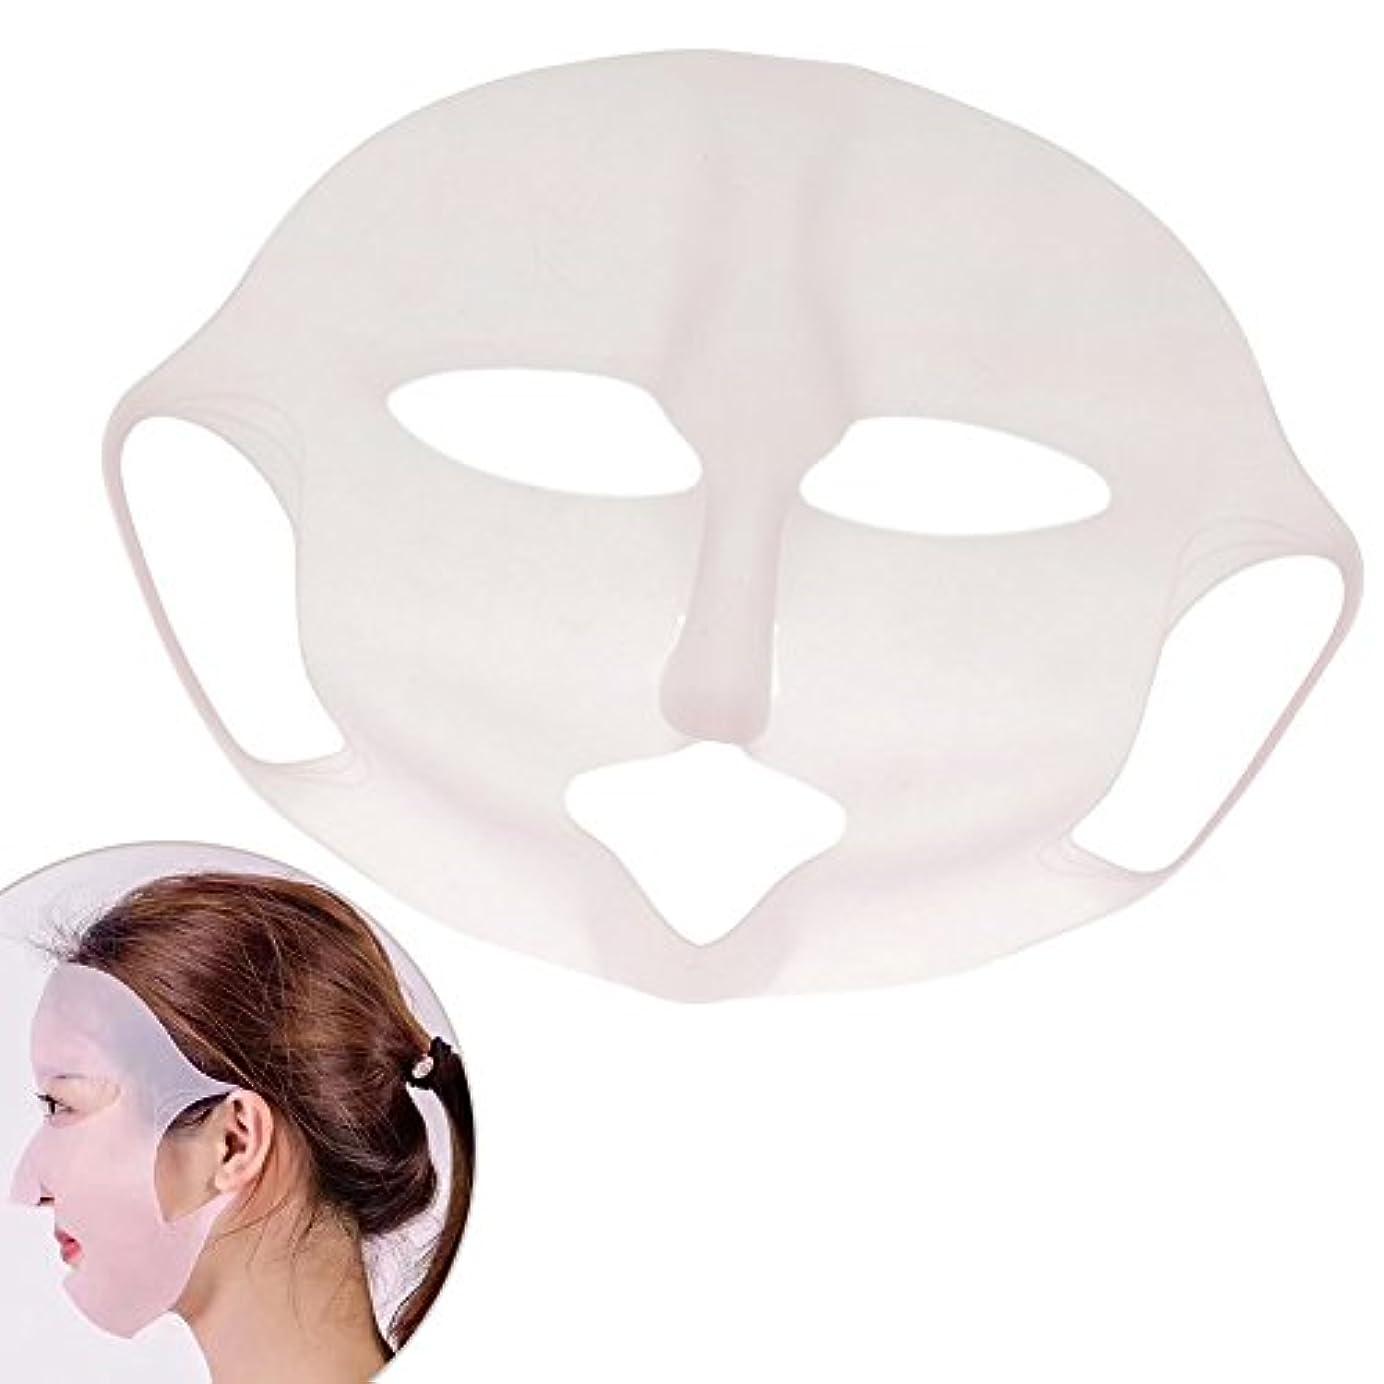 つづり乱暴な誰もフェイスパックカバー シリコンマスク フェイスマスク 美容液 防蒸発 保湿 便利なグッズ 吸収 3枚入り 21cm